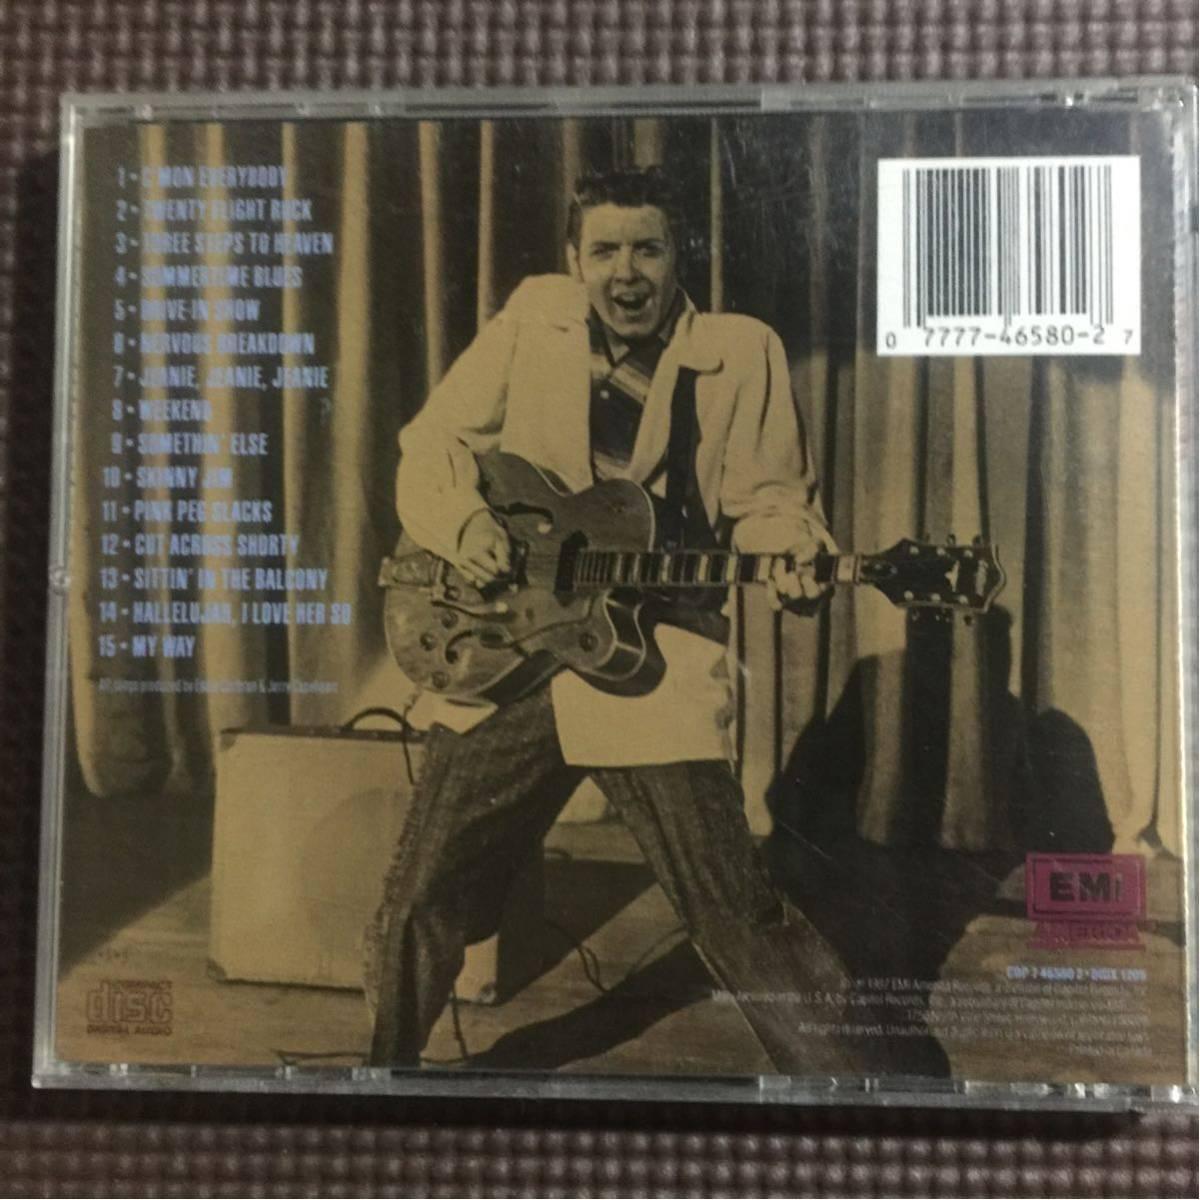 エディ・コクラン ザ・ベスト・オブ・エディ・コクラン USA盤 CD